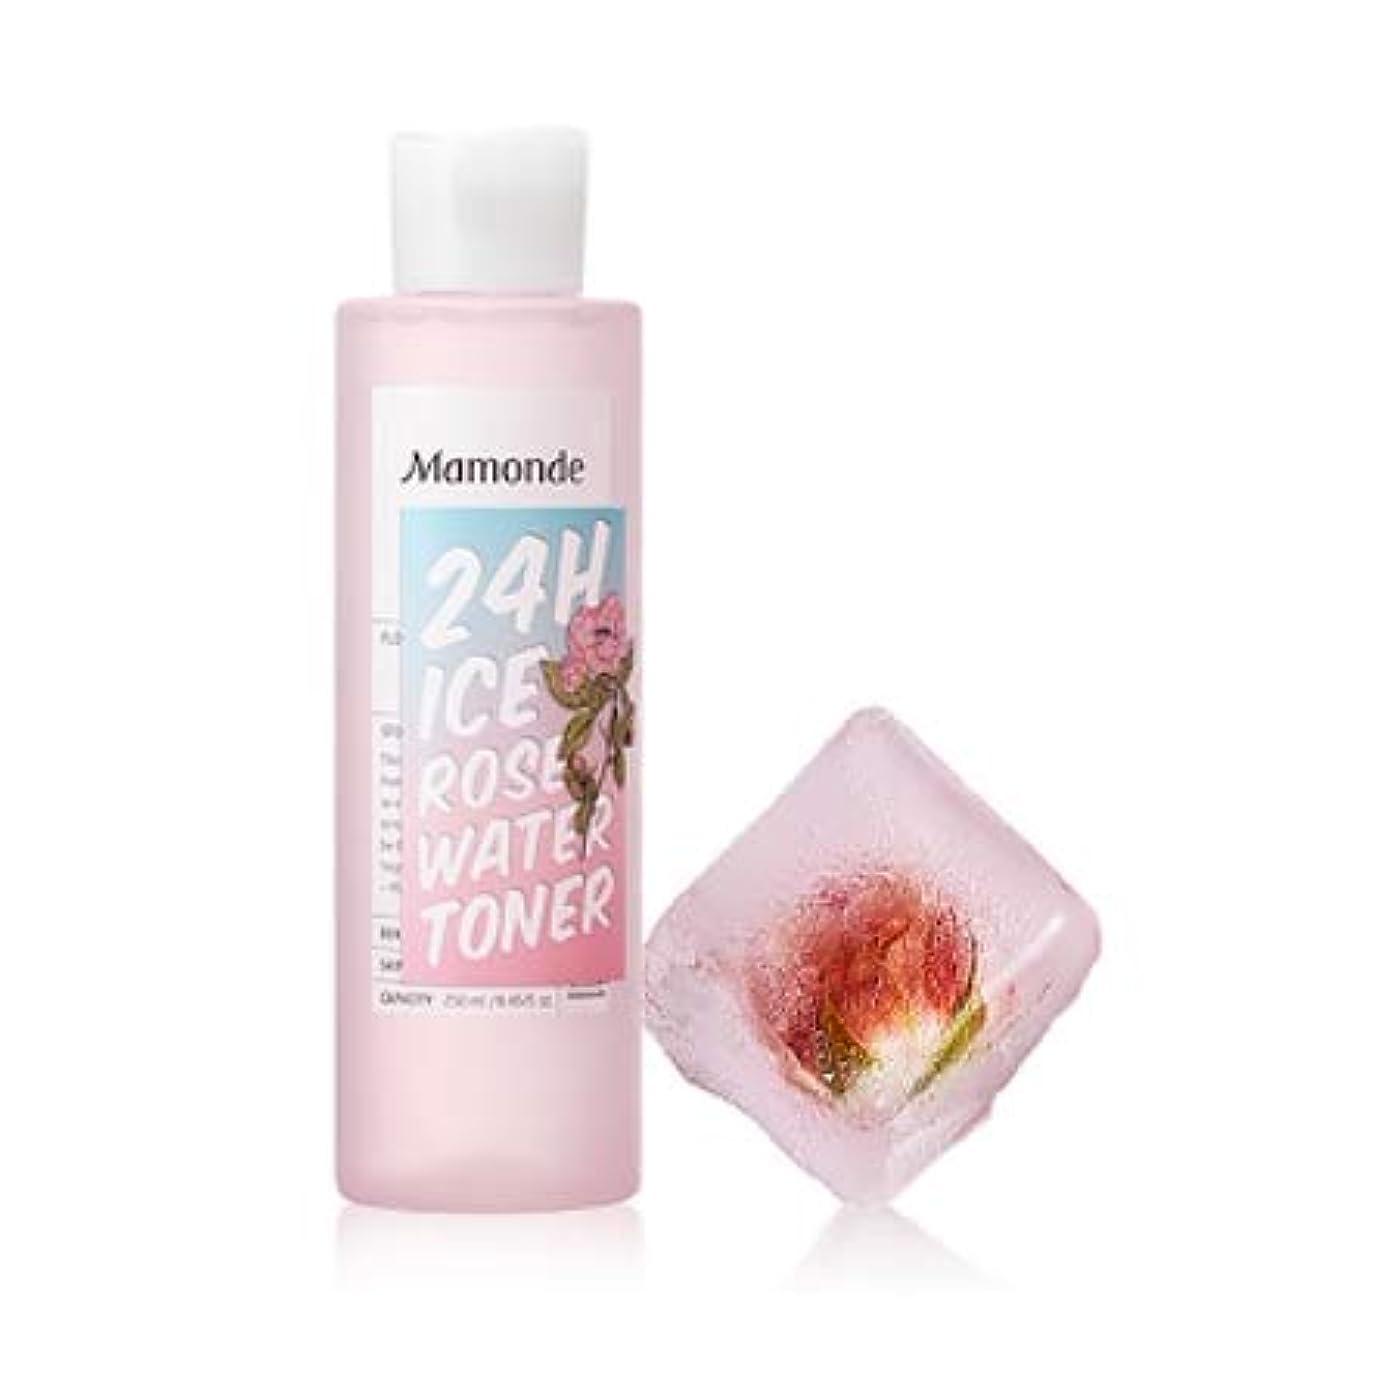 引退した弾薬クスクス【マモンド.mamonde](公式)24Hアイスローズウォータートナー(250ml)(2019.05 new product)/ ice rose water toner